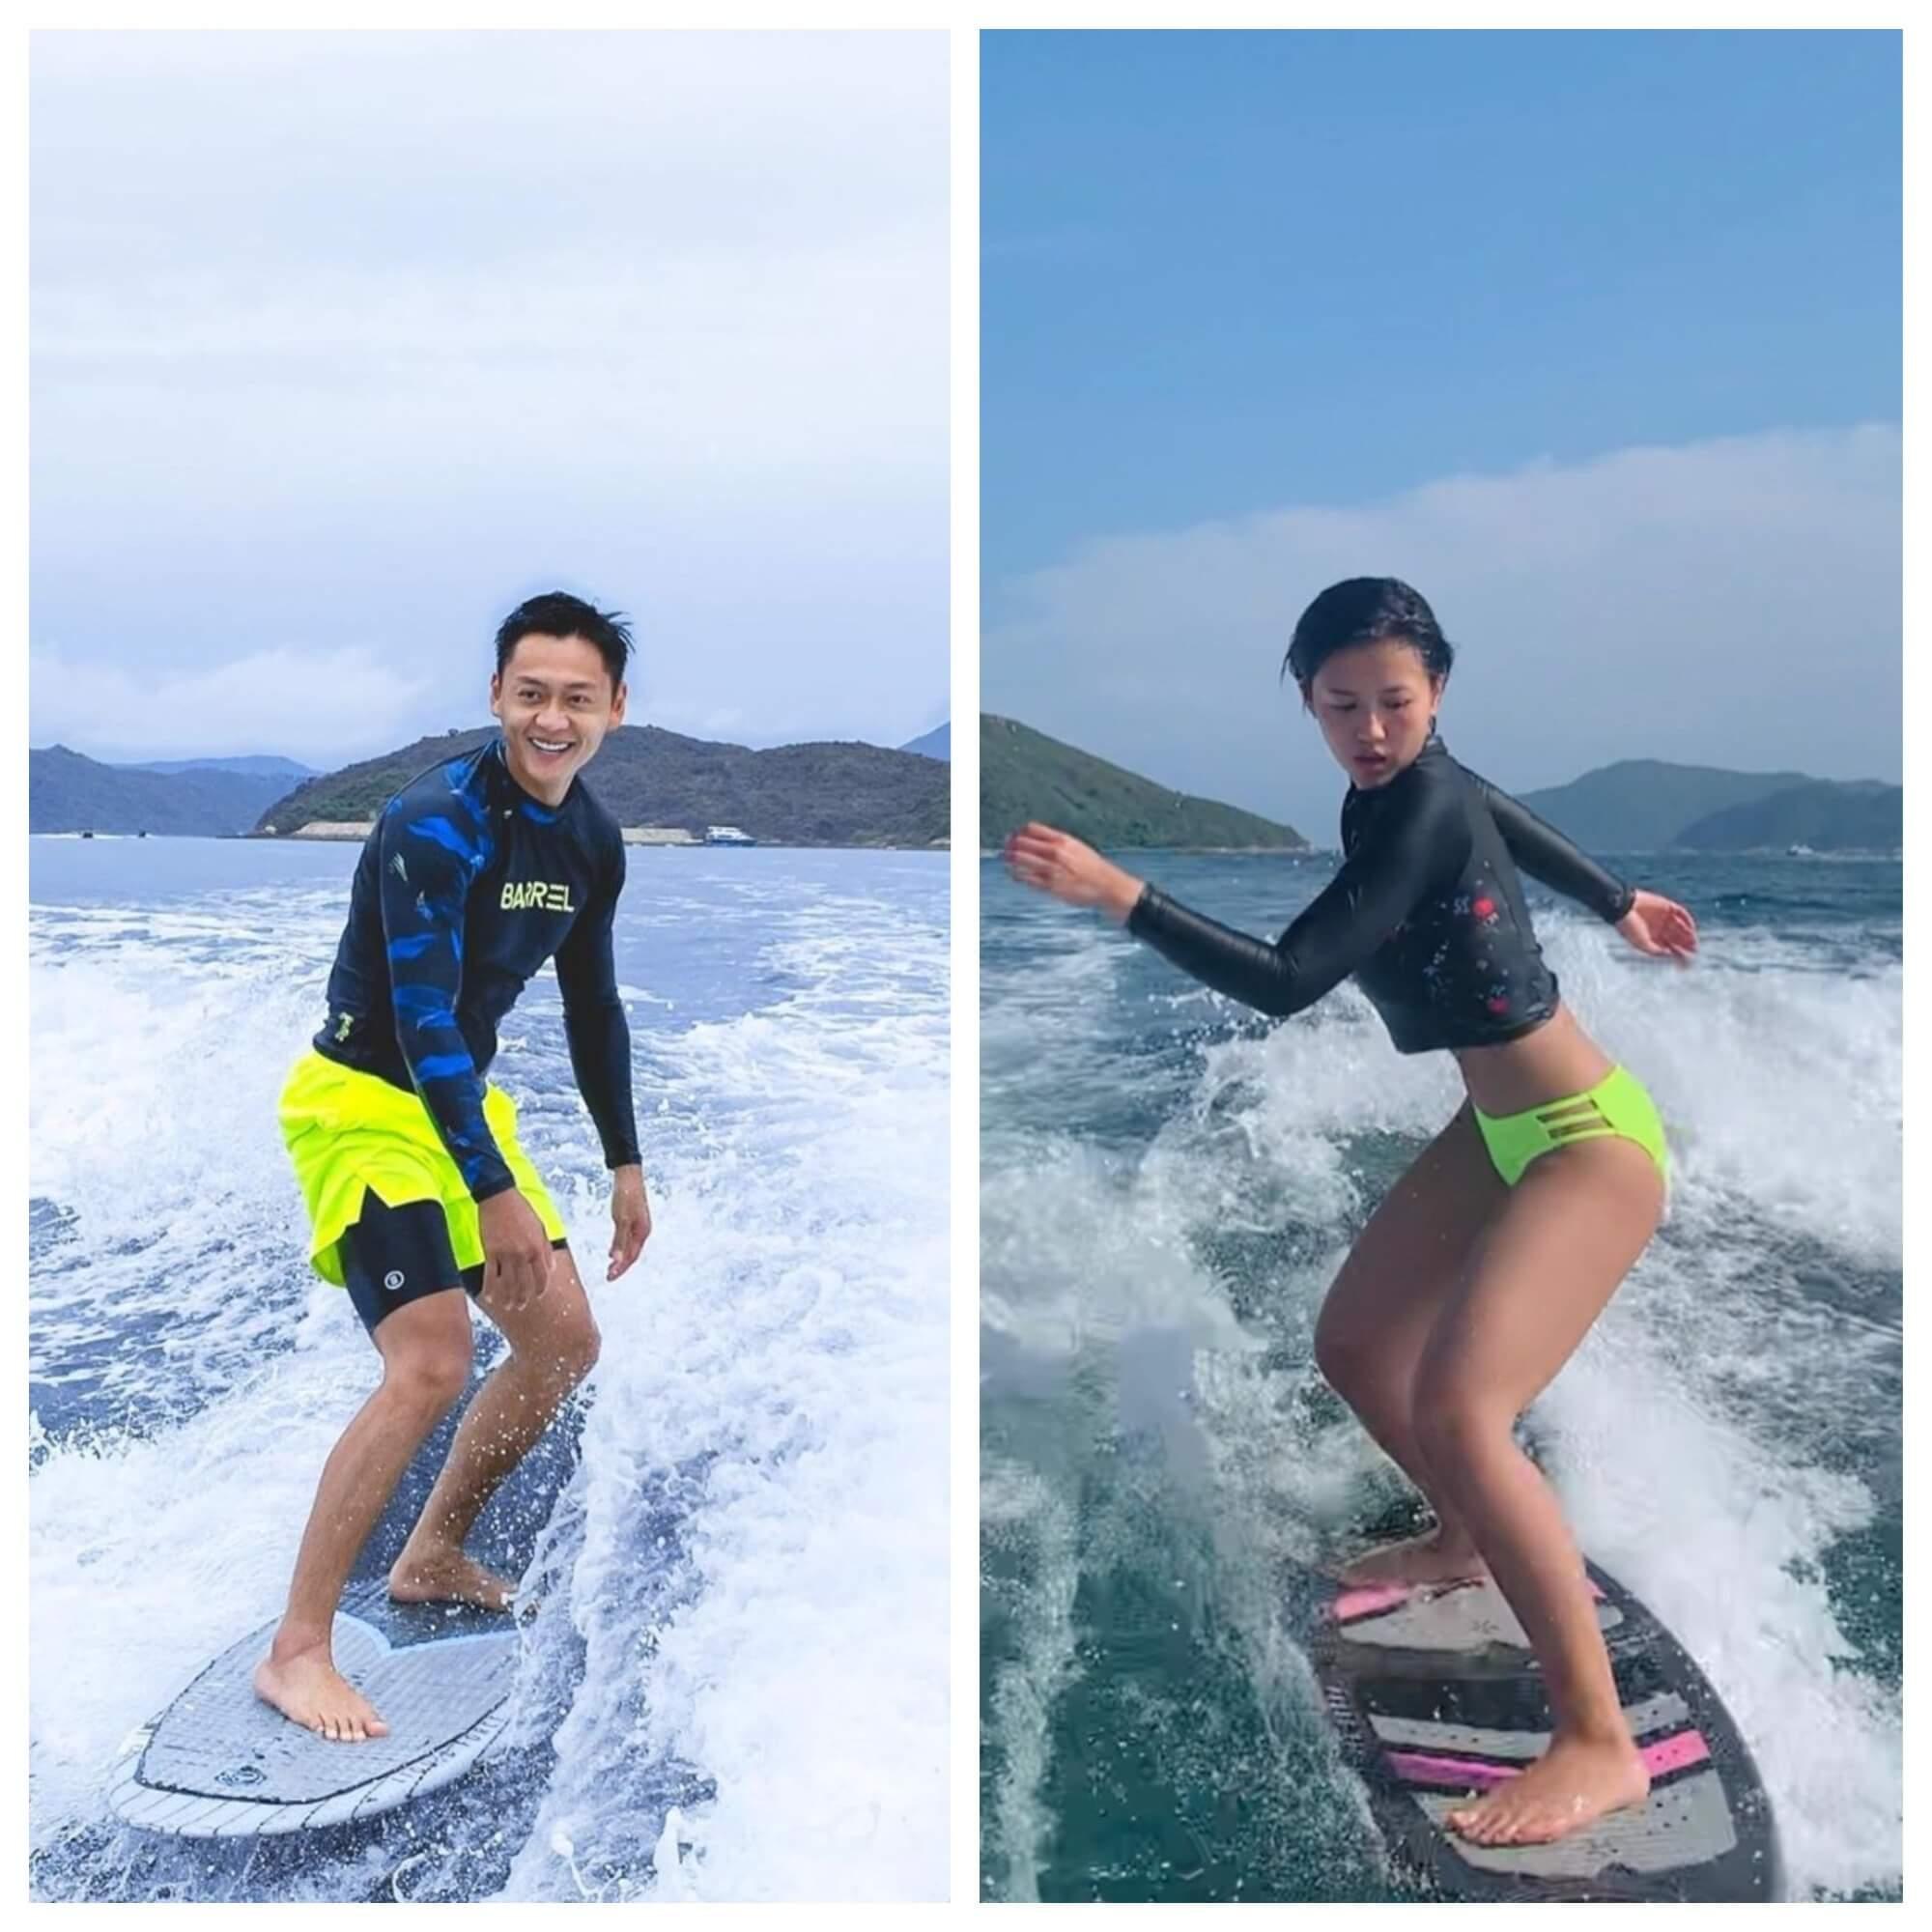 張振朗與女友楊偲泳經常相約做運動,近日更愛上滑水。